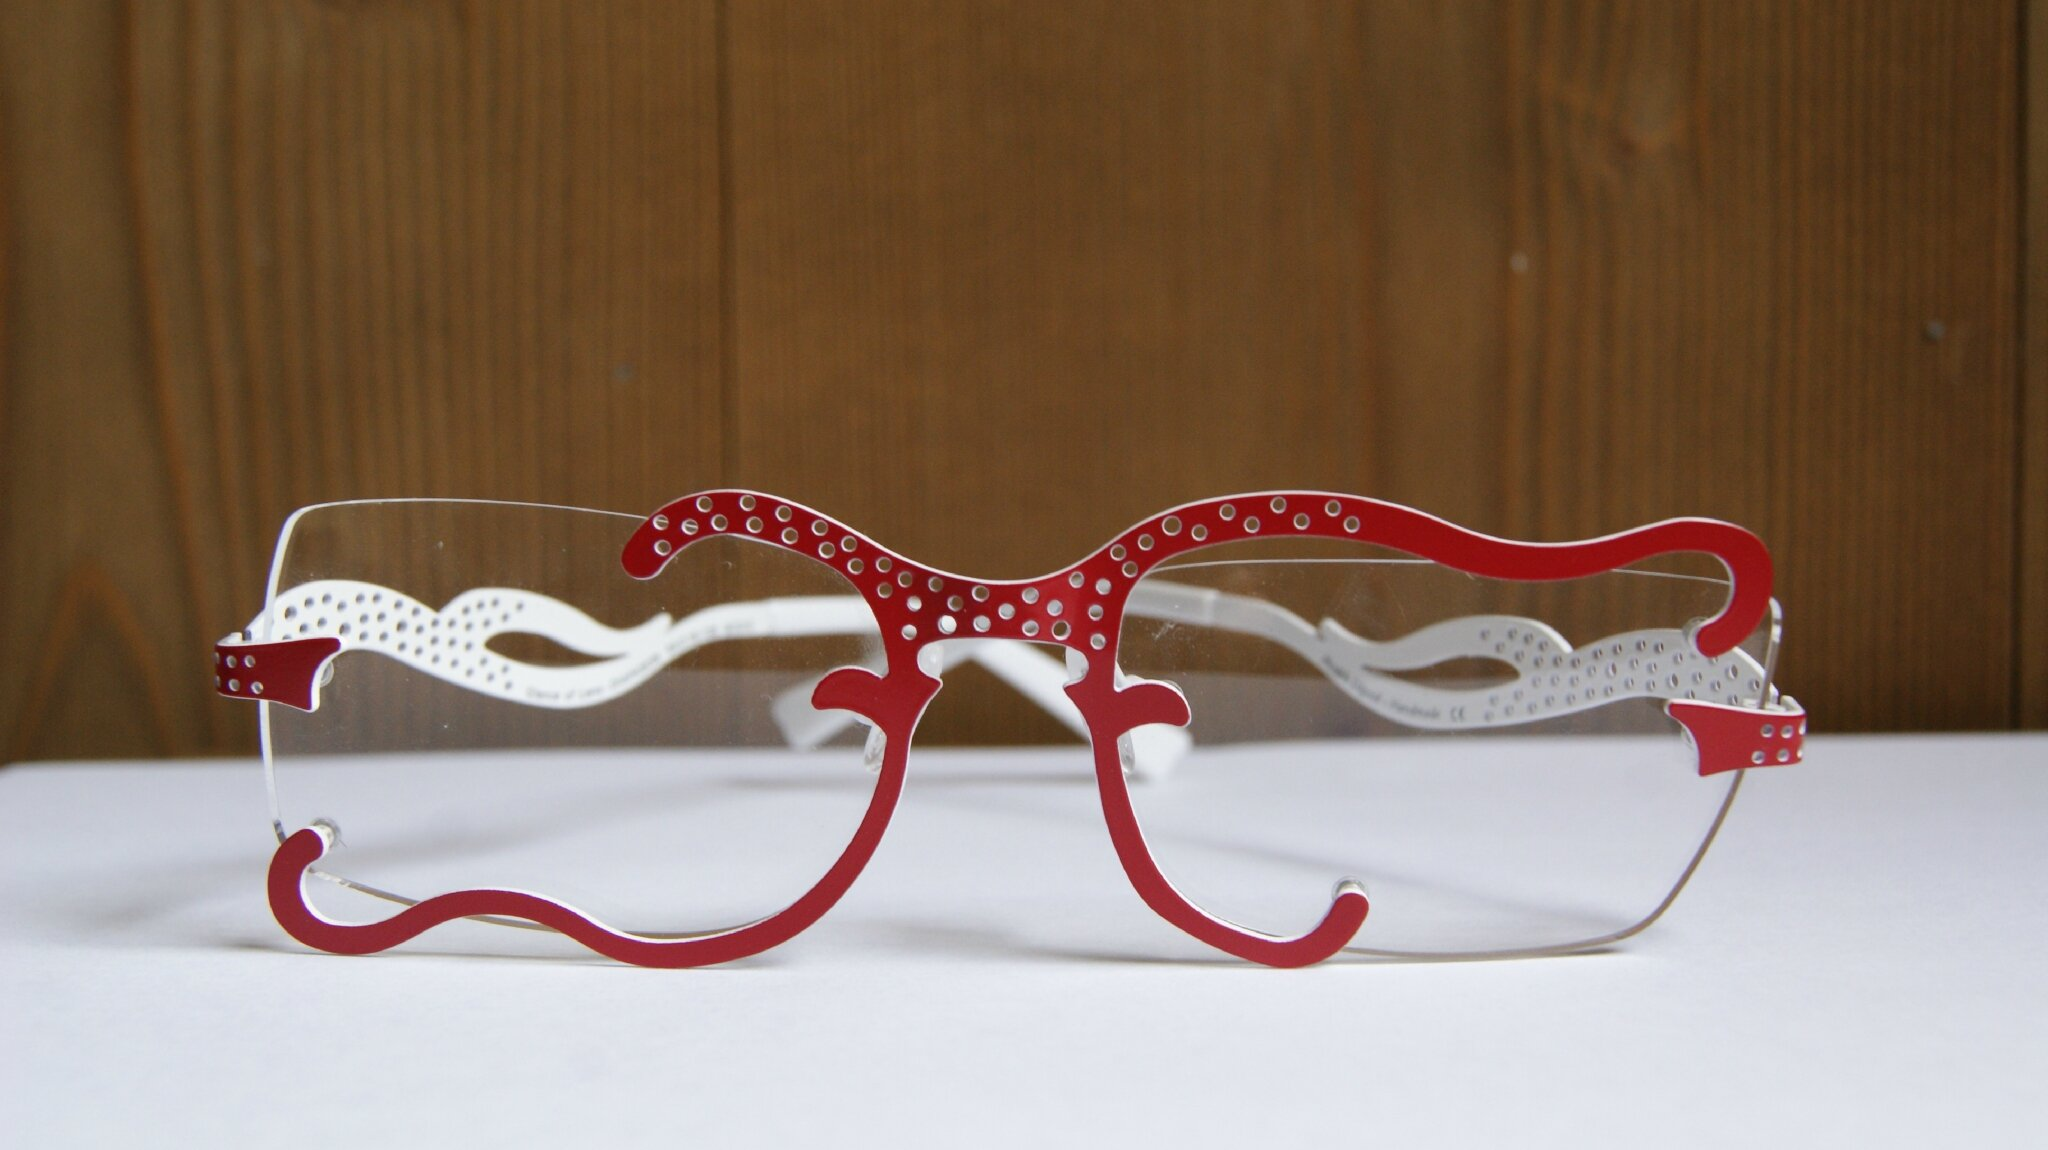 73d3a7f38da8fe Lunettes design femme - Monture optique et lunette